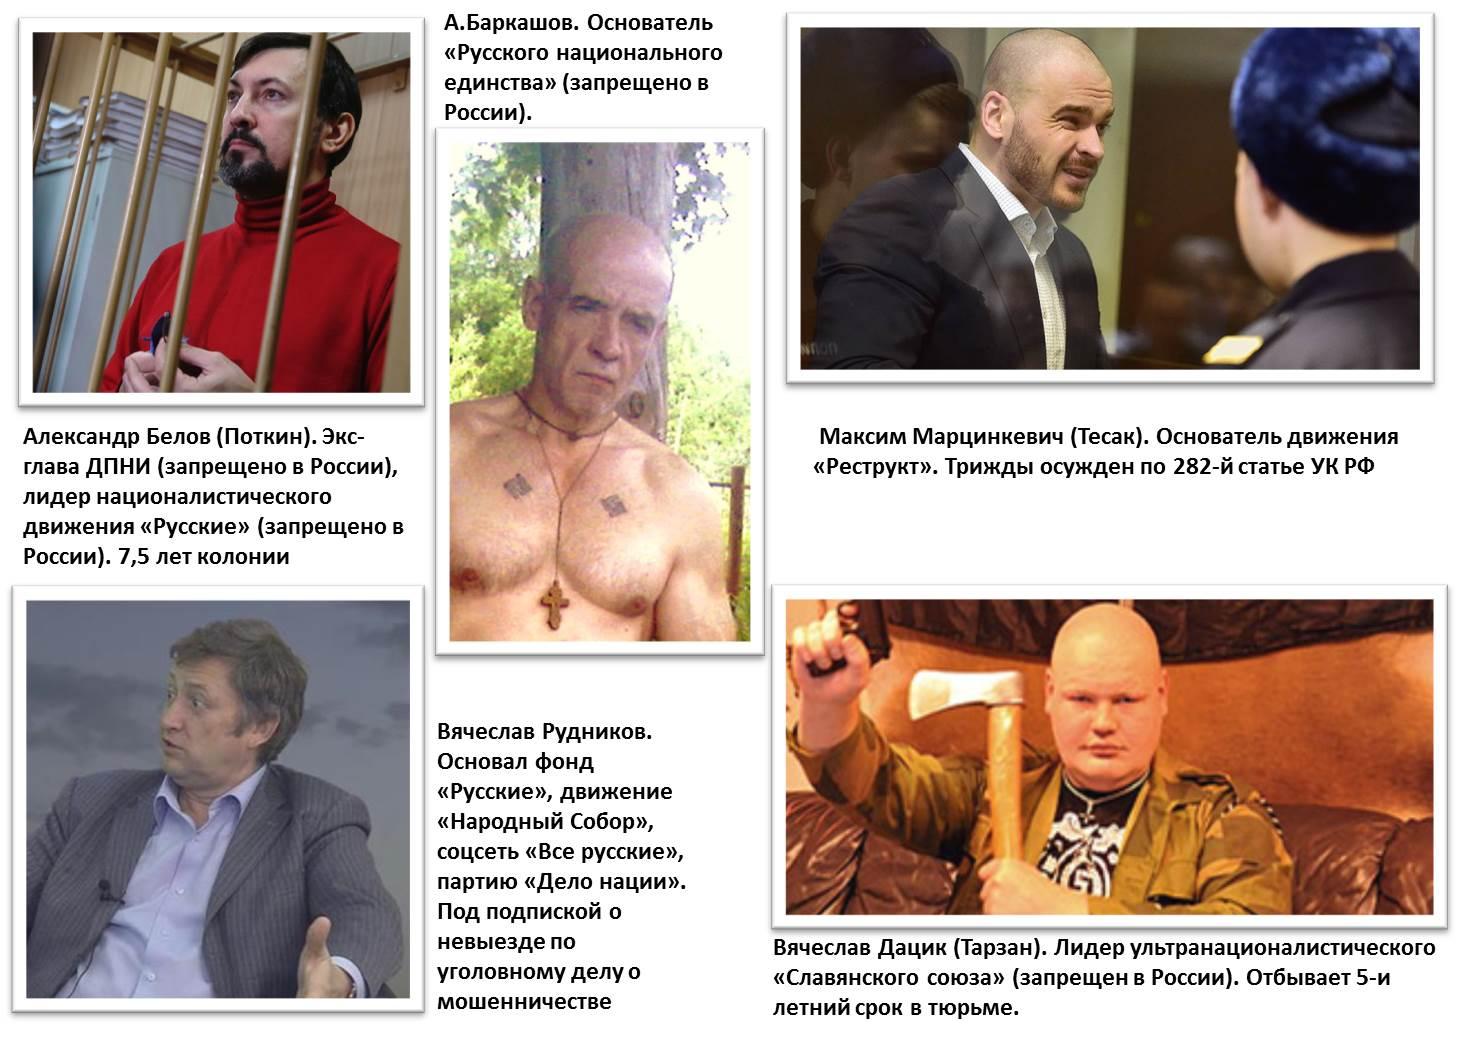 Почему российский национализм столь популярен в Рунете?